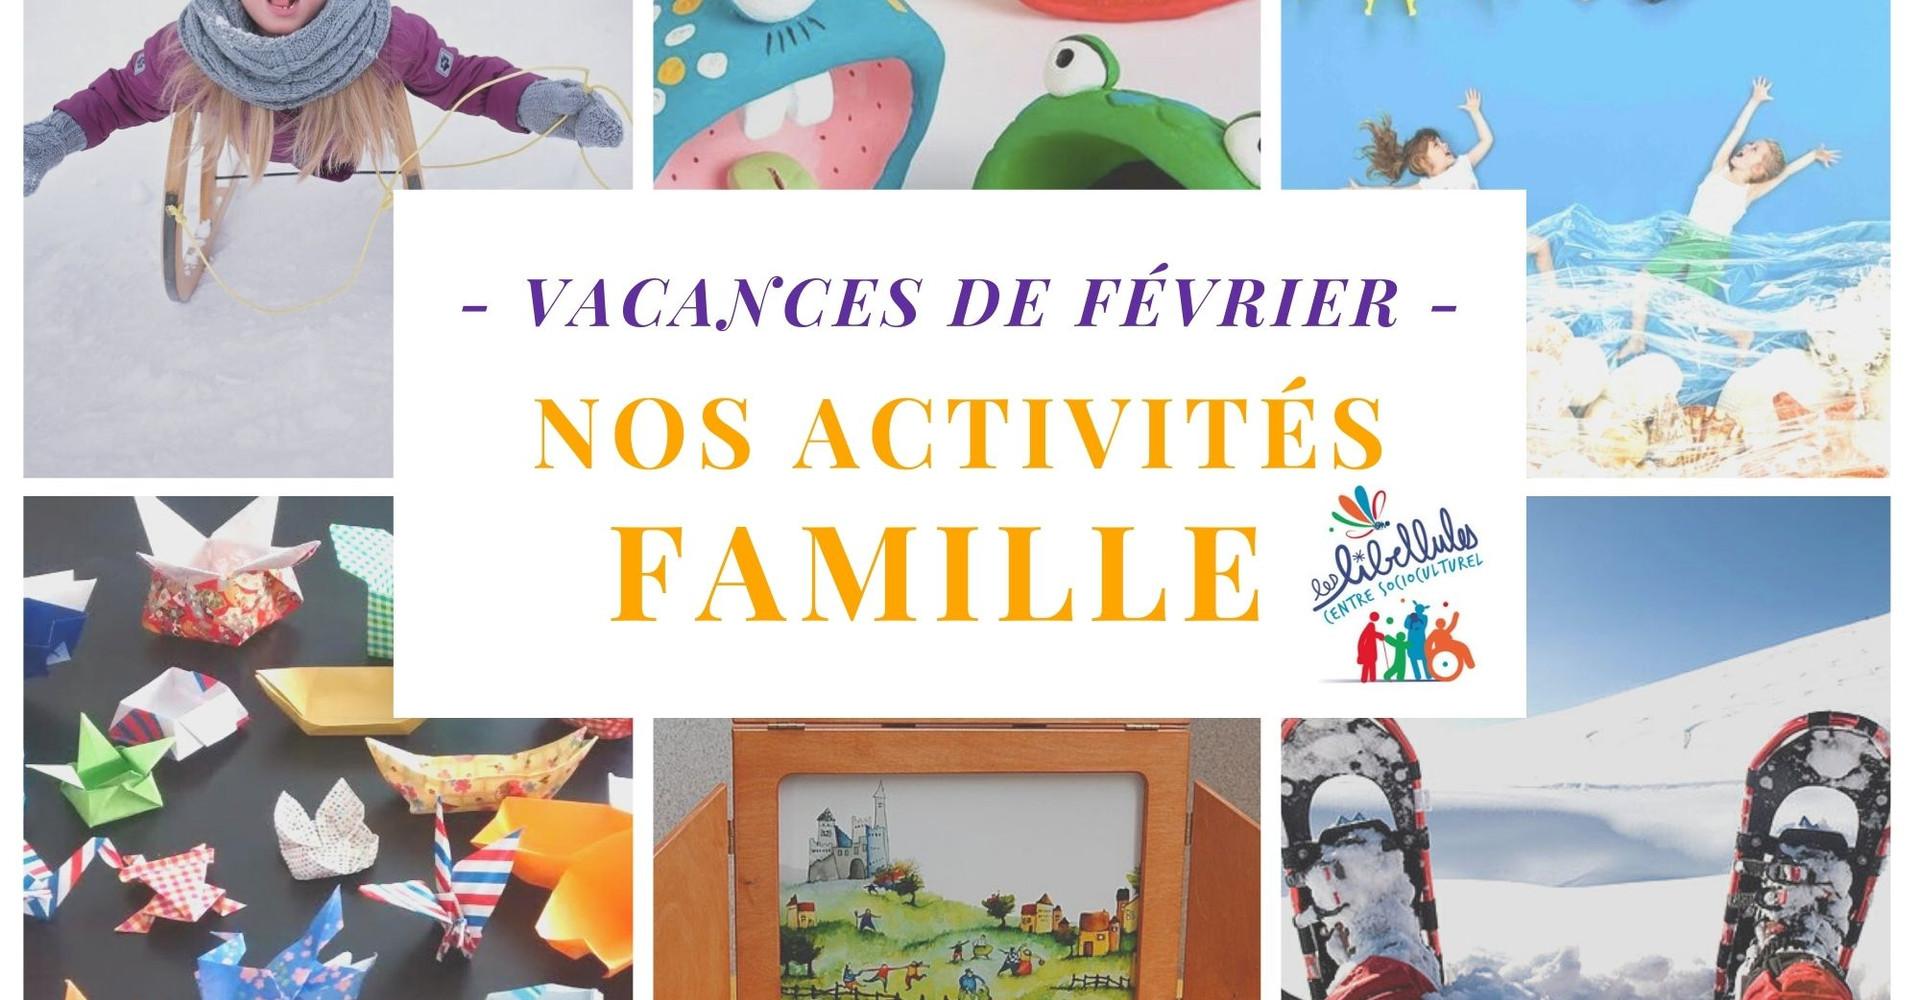 > 12 activités et sorties à faire en famille avec le CSC pendant les vacances !